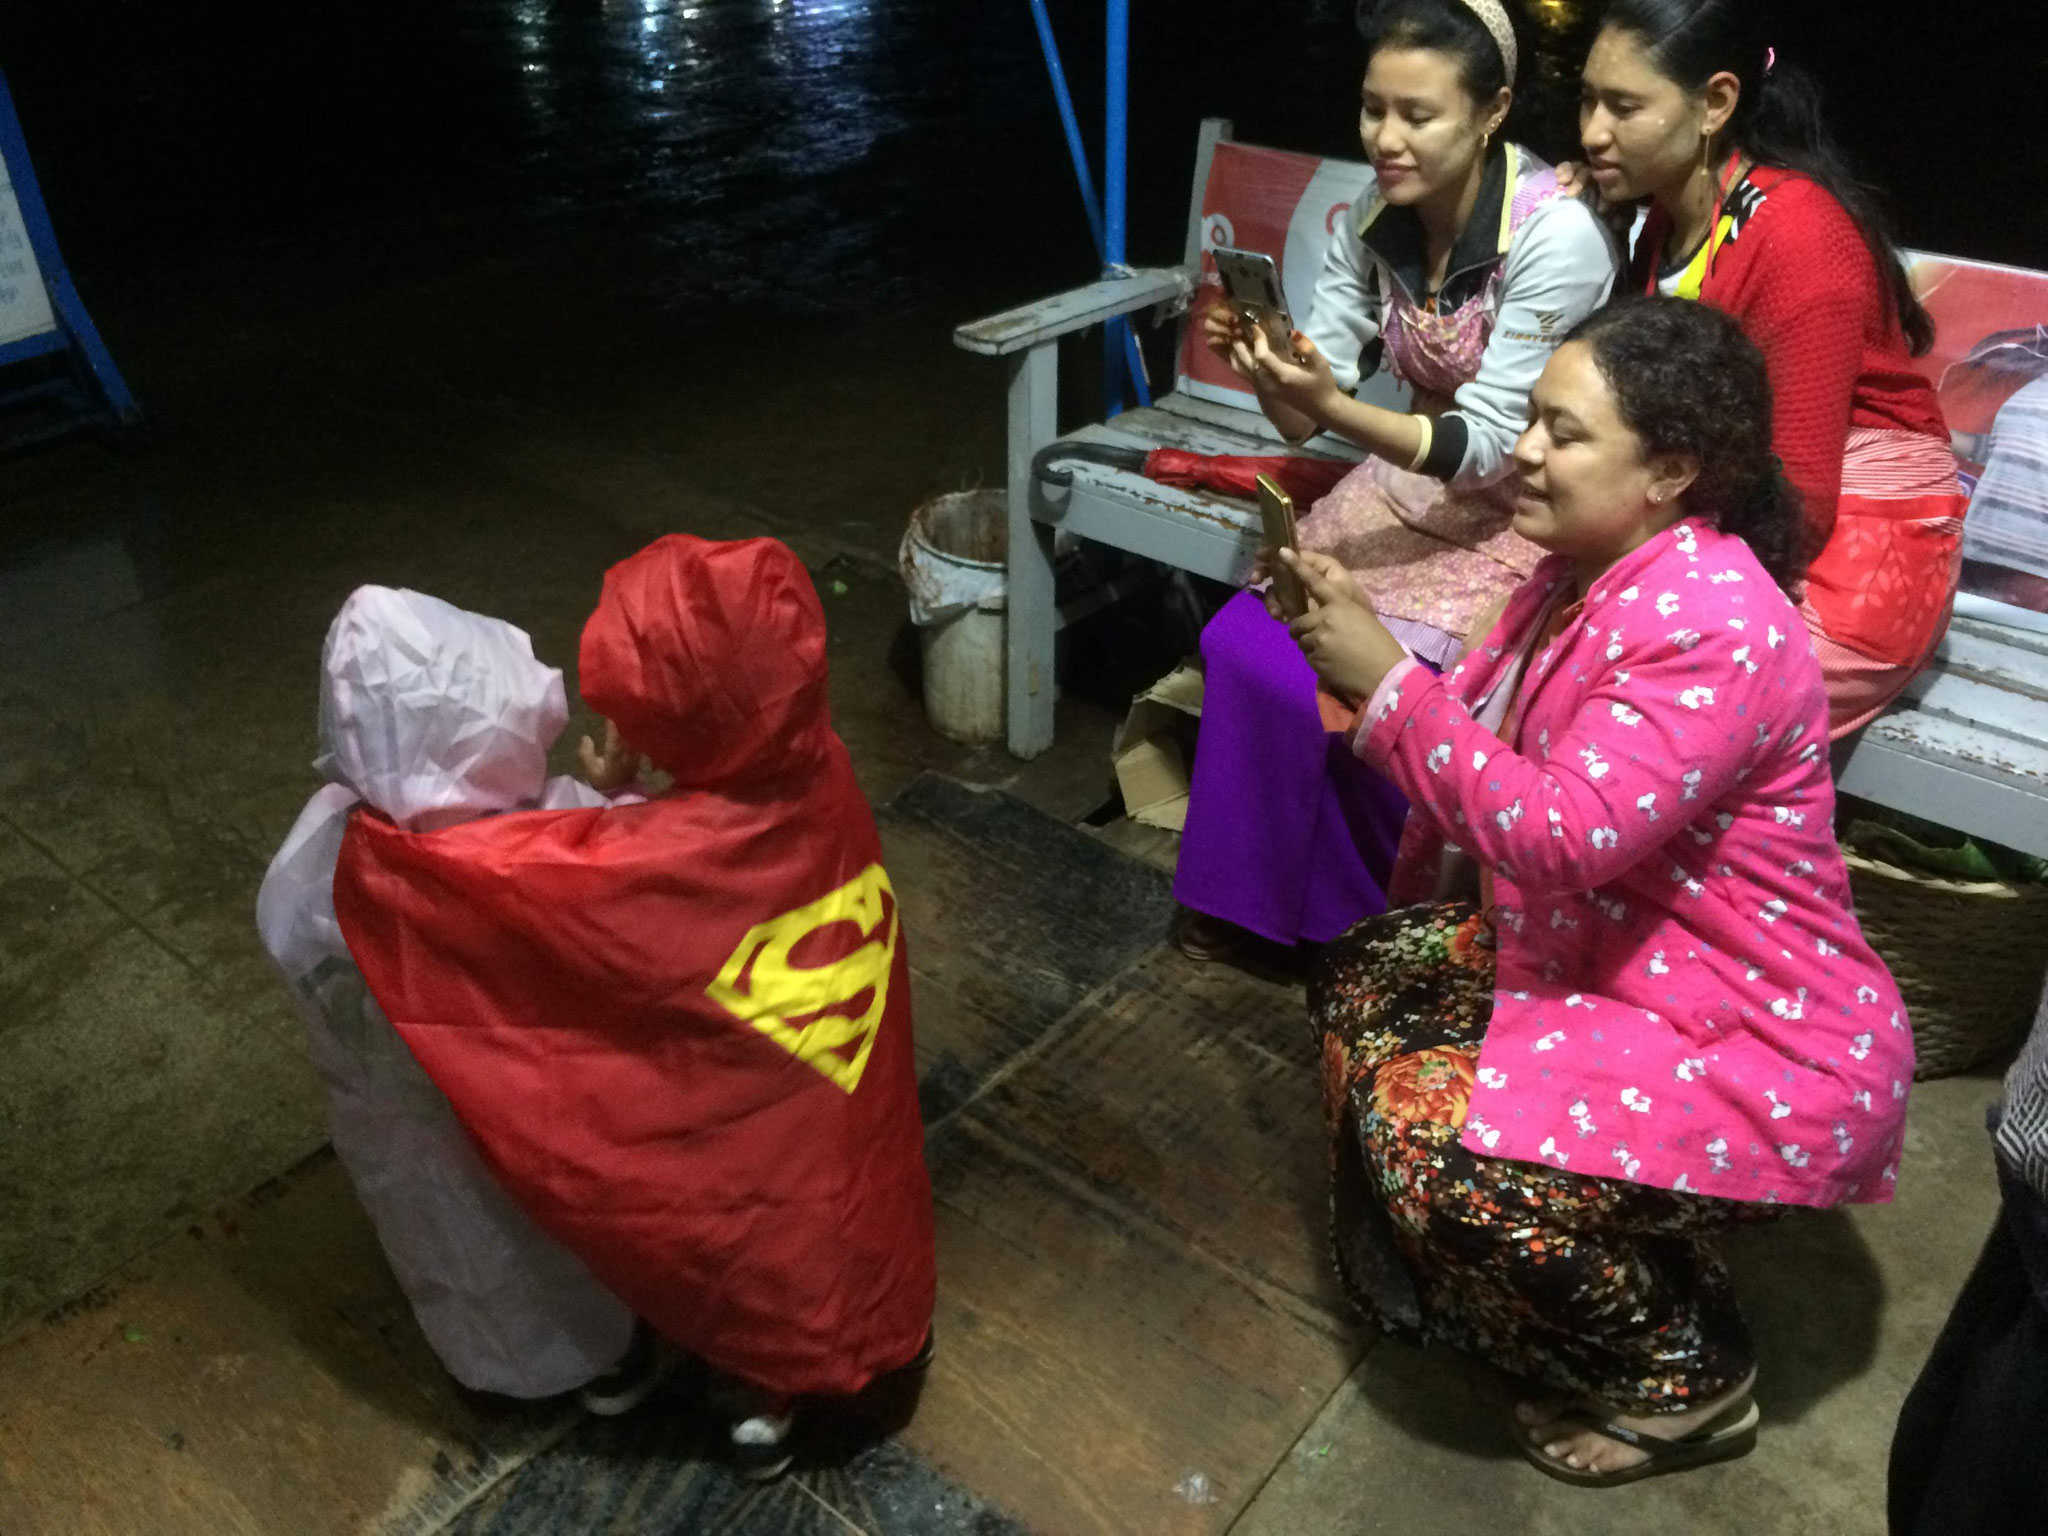 Fotoshooting mit Supergirl und Superman! ;-)